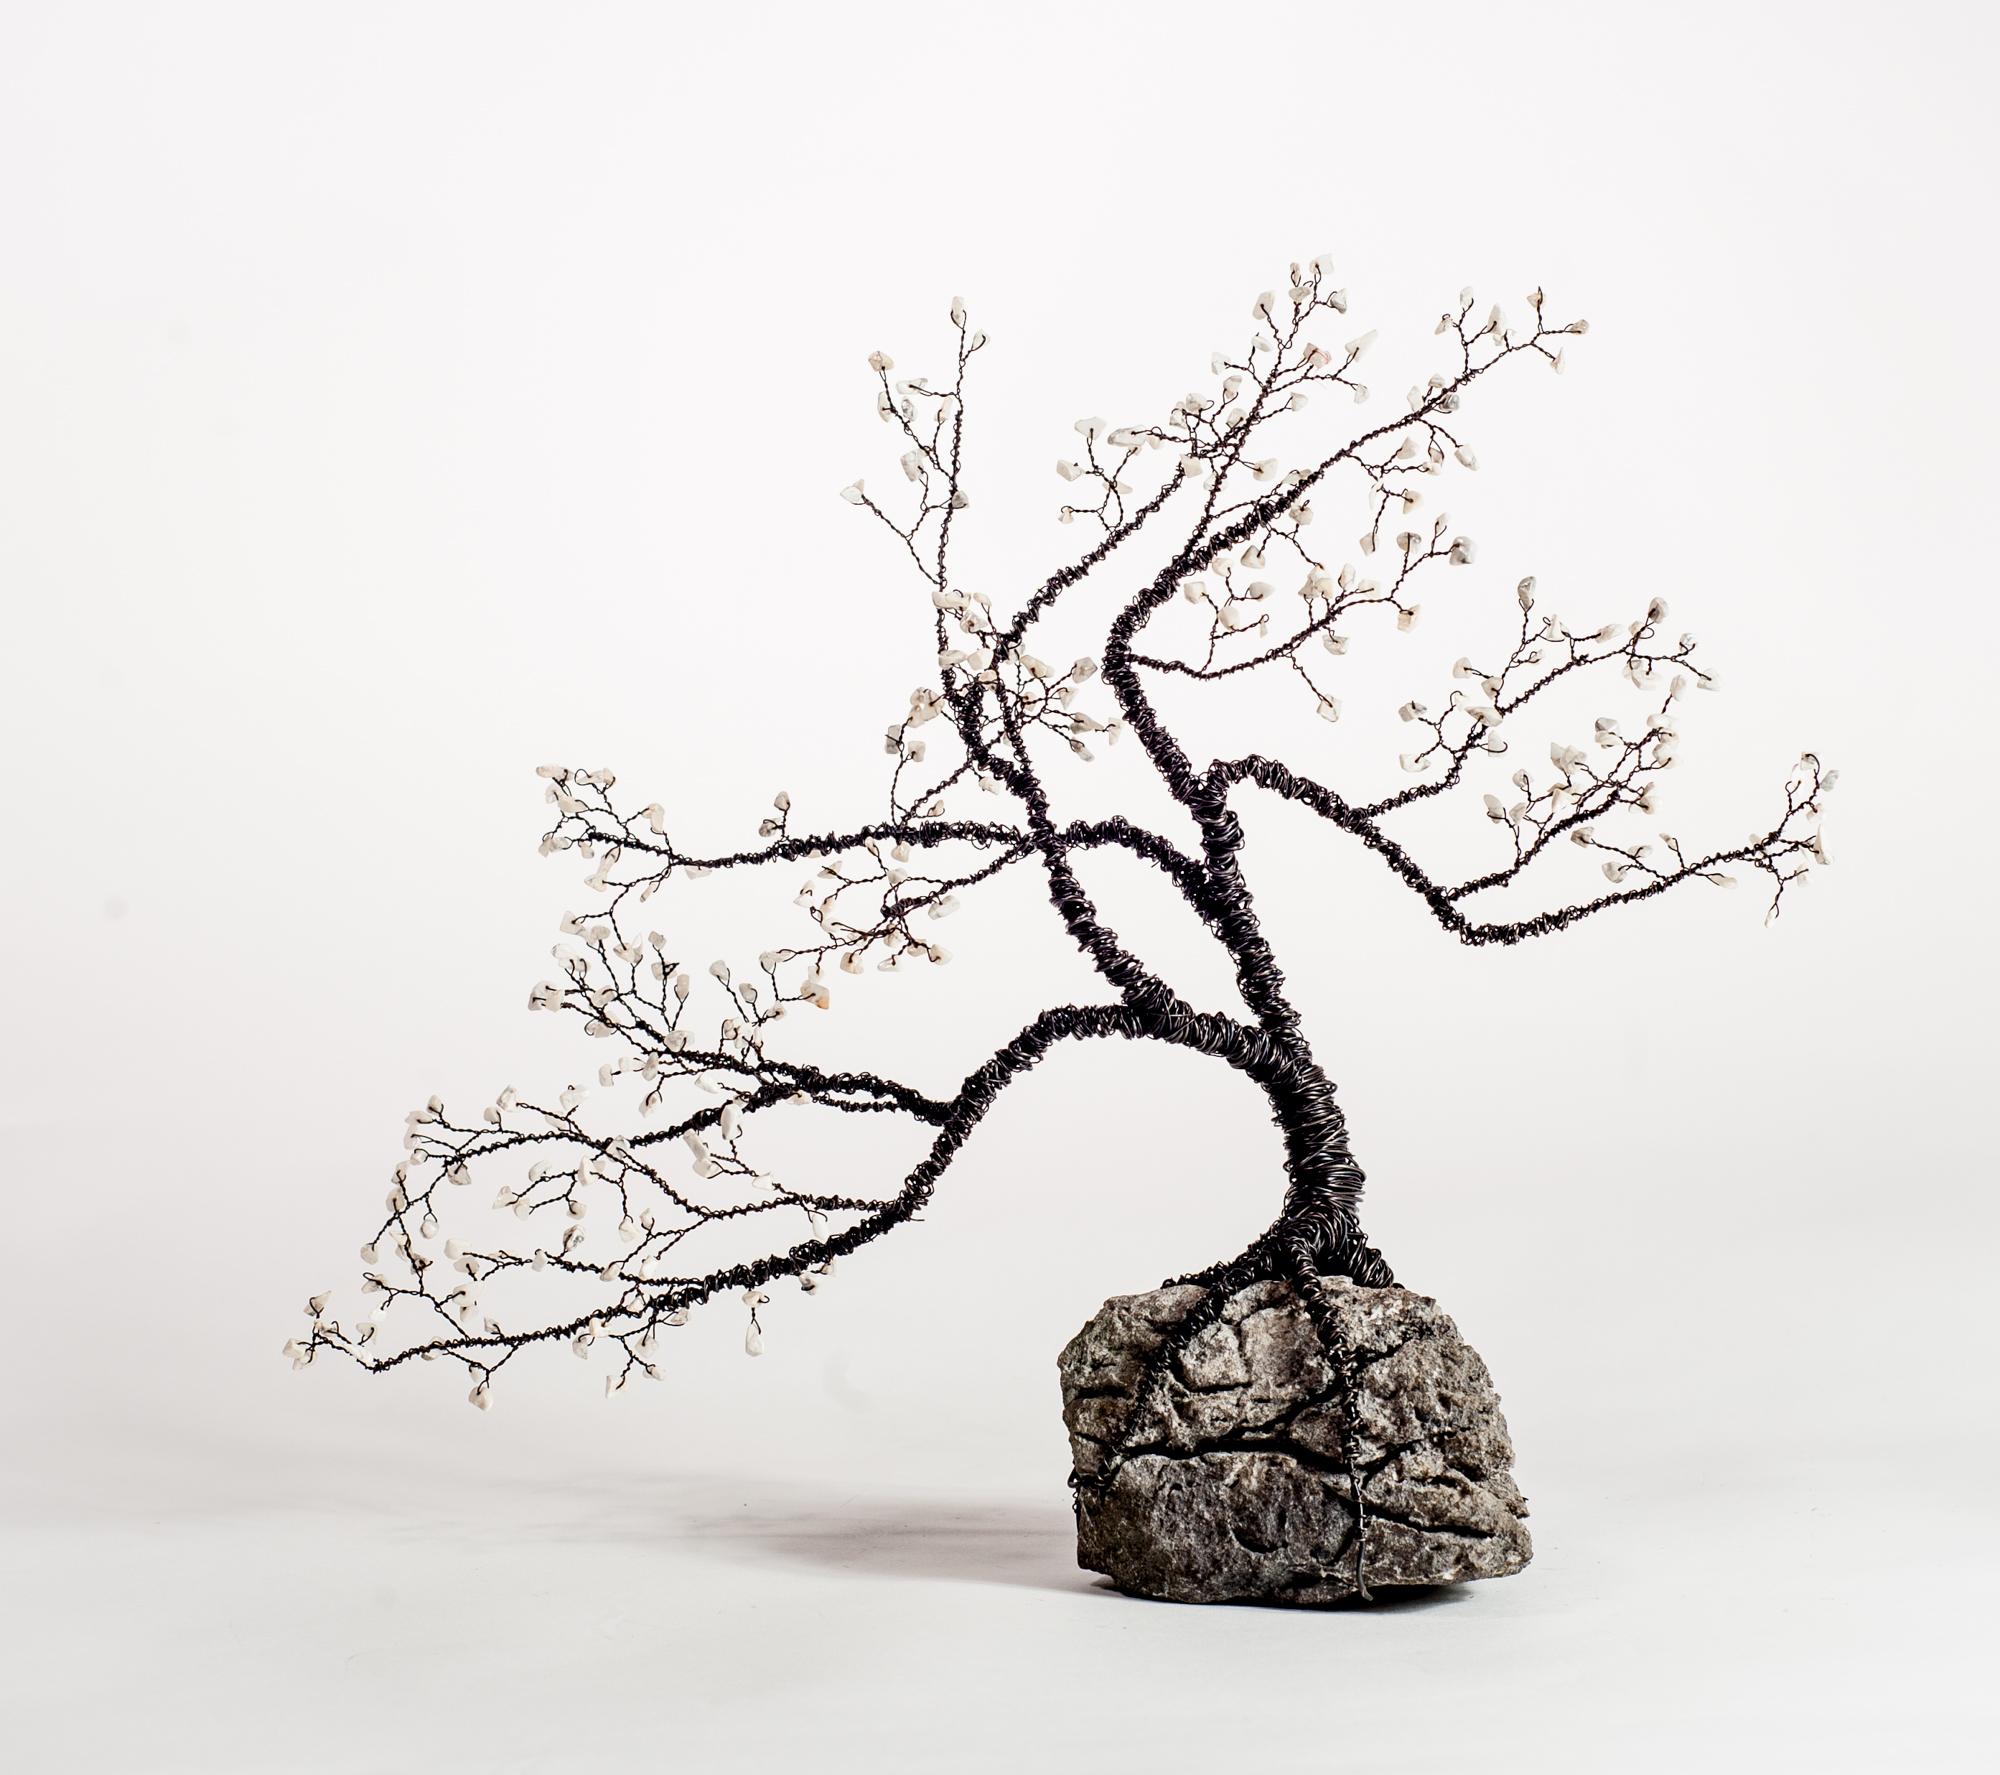 glenn sculptures (7 of 27).jpg